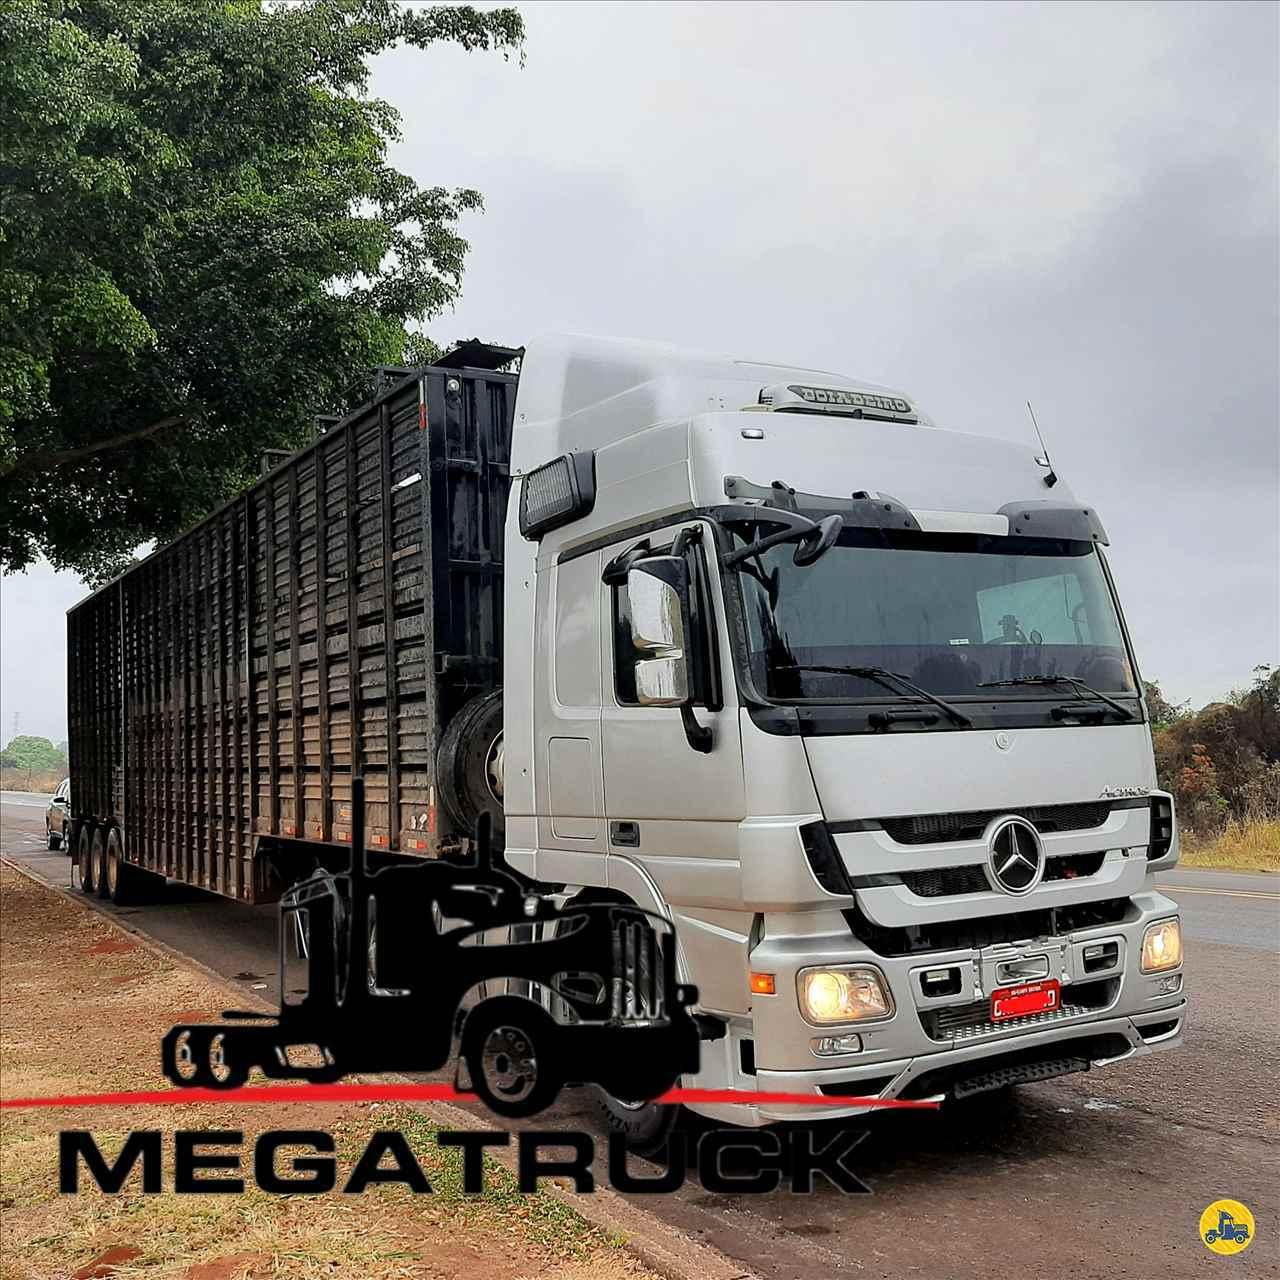 CAMINHAO MERCEDES-BENZ MB 2546 Boiadeiro Truck 6x2 Megatruck Caminhões e Máquinas CAMPO GRANDE MATO GROSSO DO SUL MS